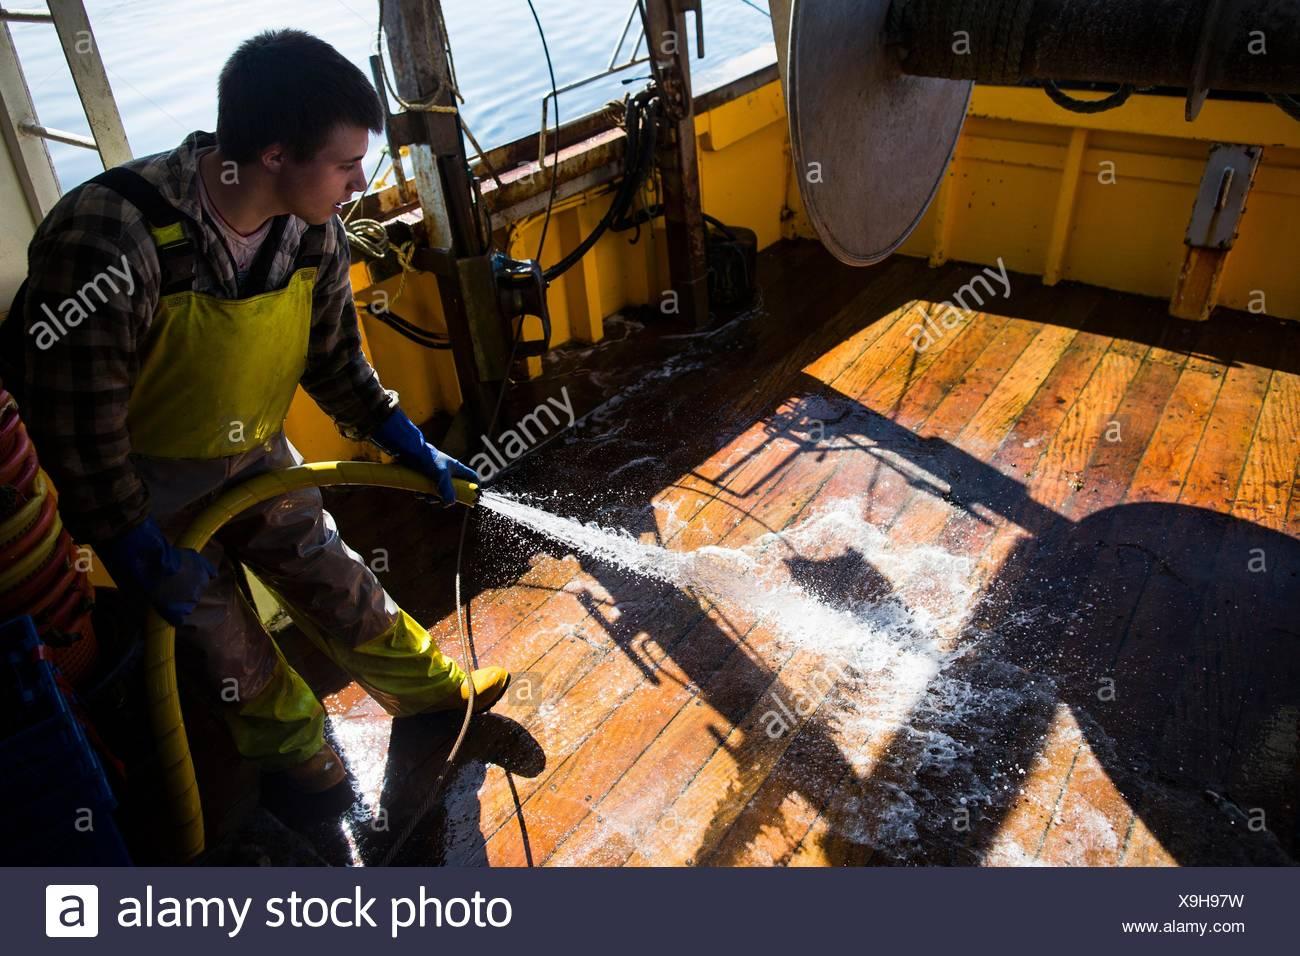 Fisherman washing floorboards of trawler - Stock Image